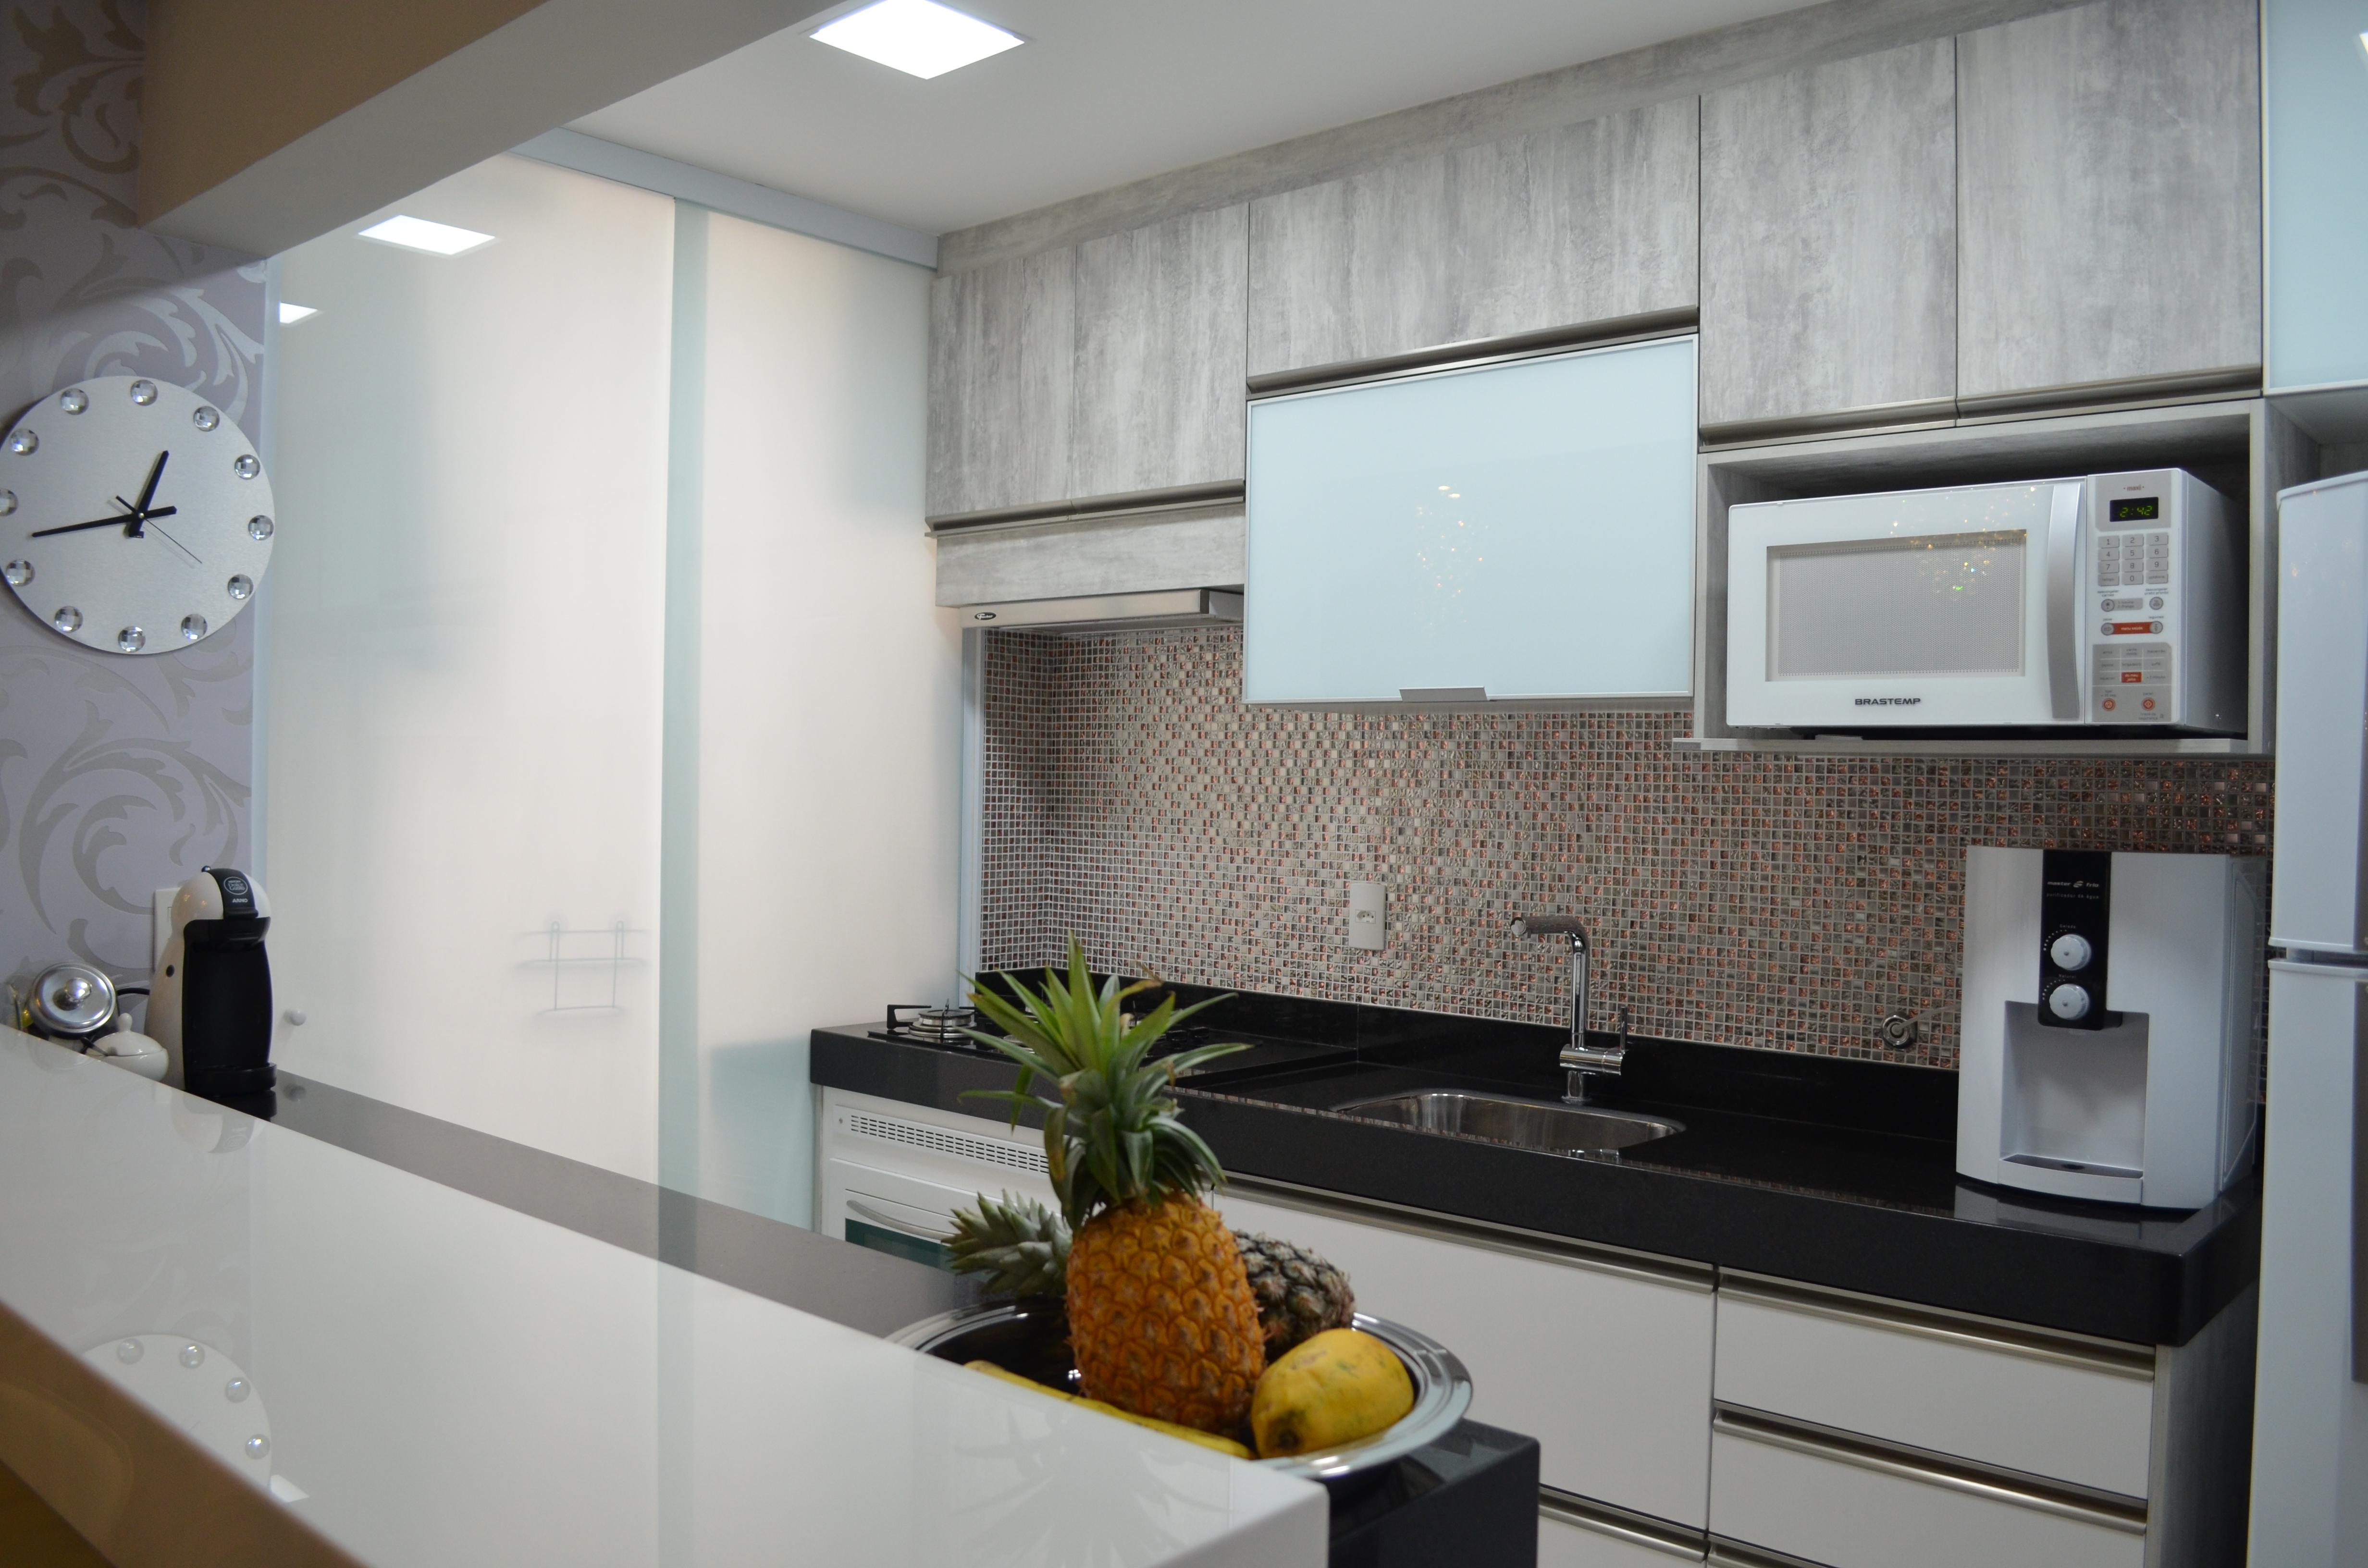 gosta de receber amigos a sala é ampla e integrada com a cozinha #5E472F 4928 3264